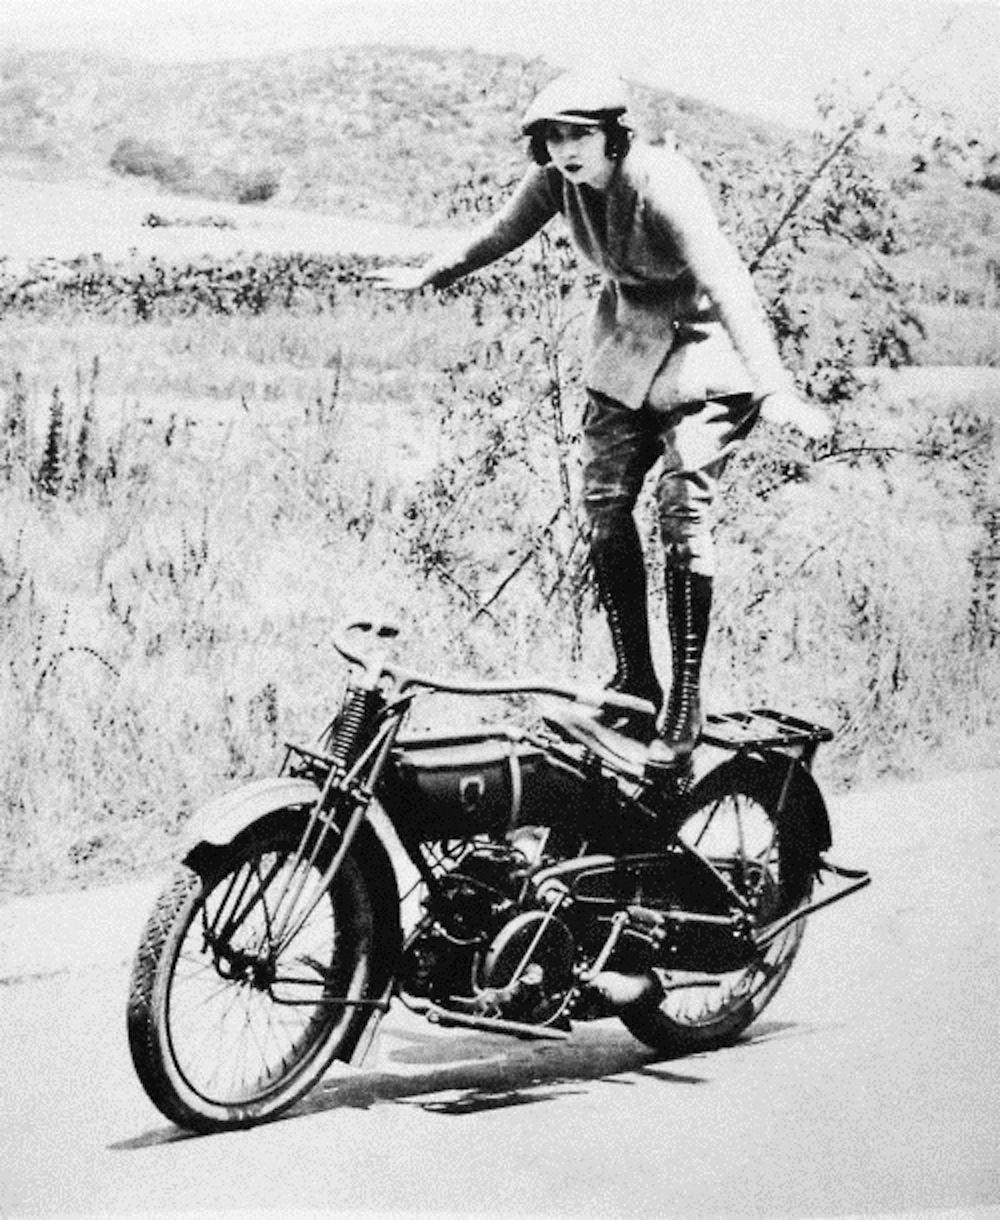 Vintage Biker Woman Wallpapers Top Free Vintage Biker